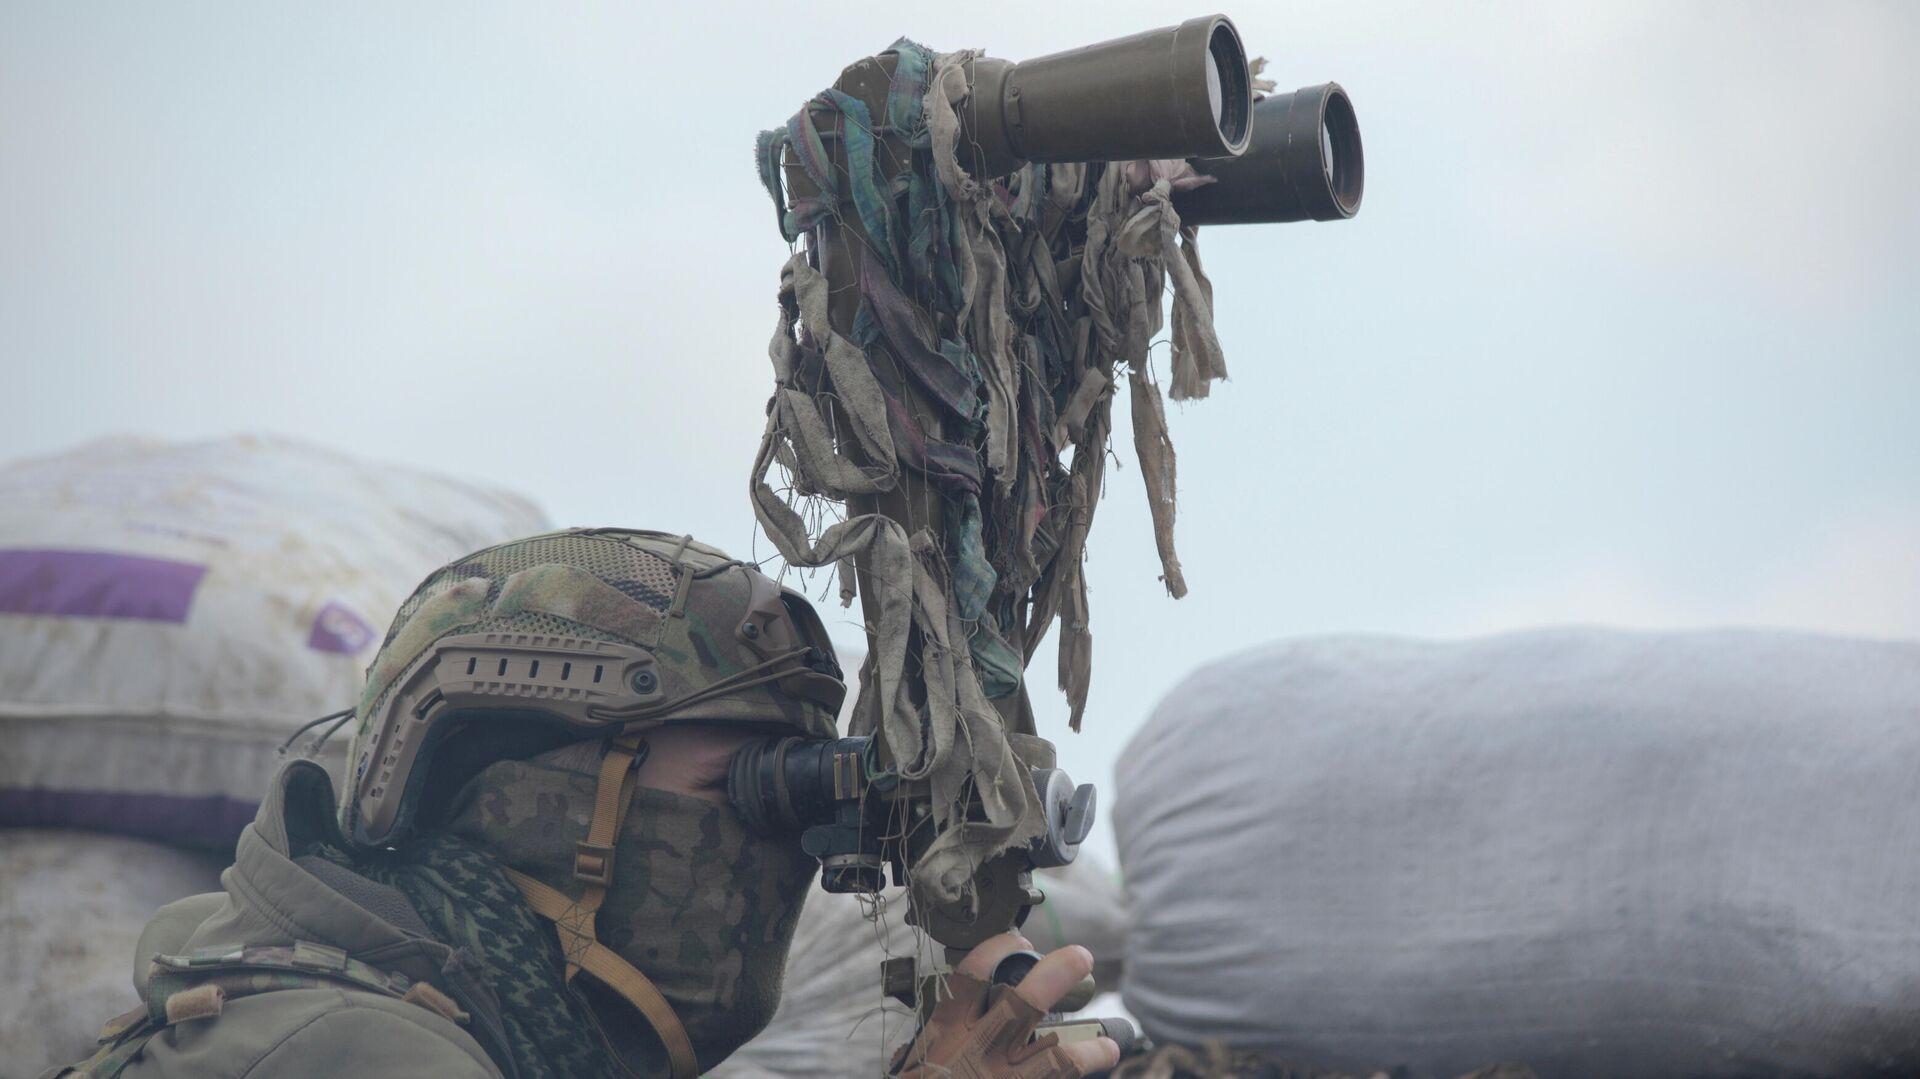 Военнослужащий украинских вооруженных сил осматривает в бинокль территорию на боевых позициях на линии разделения близ города Донецк - РИА Новости, 1920, 14.04.2021